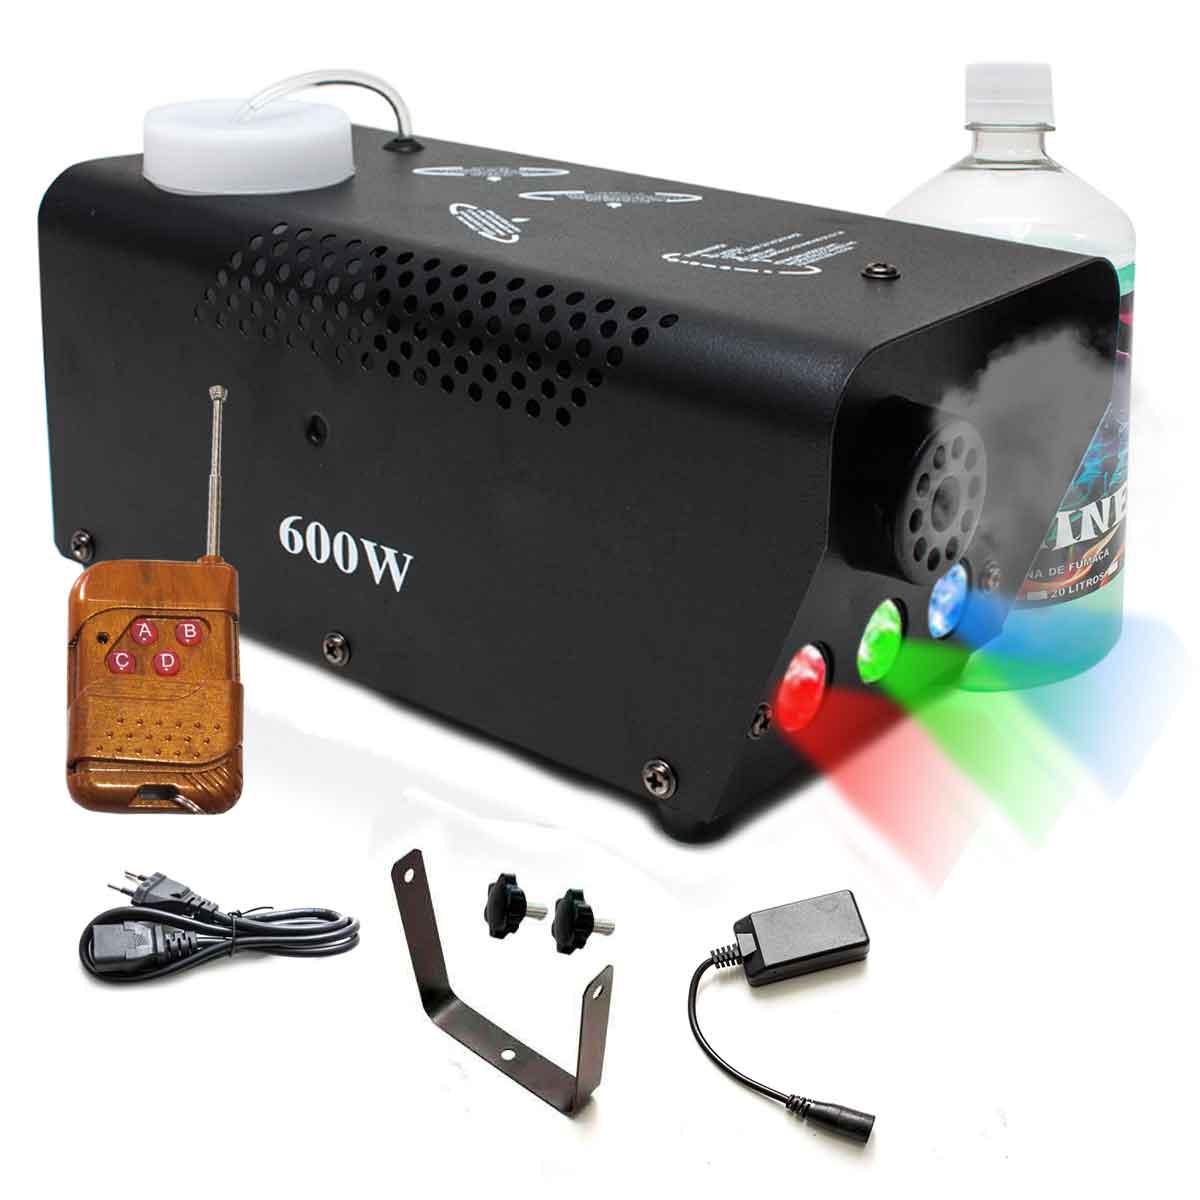 Máquina Fumaça Rgb 600w Iluminação Sem Fio Controle Festa